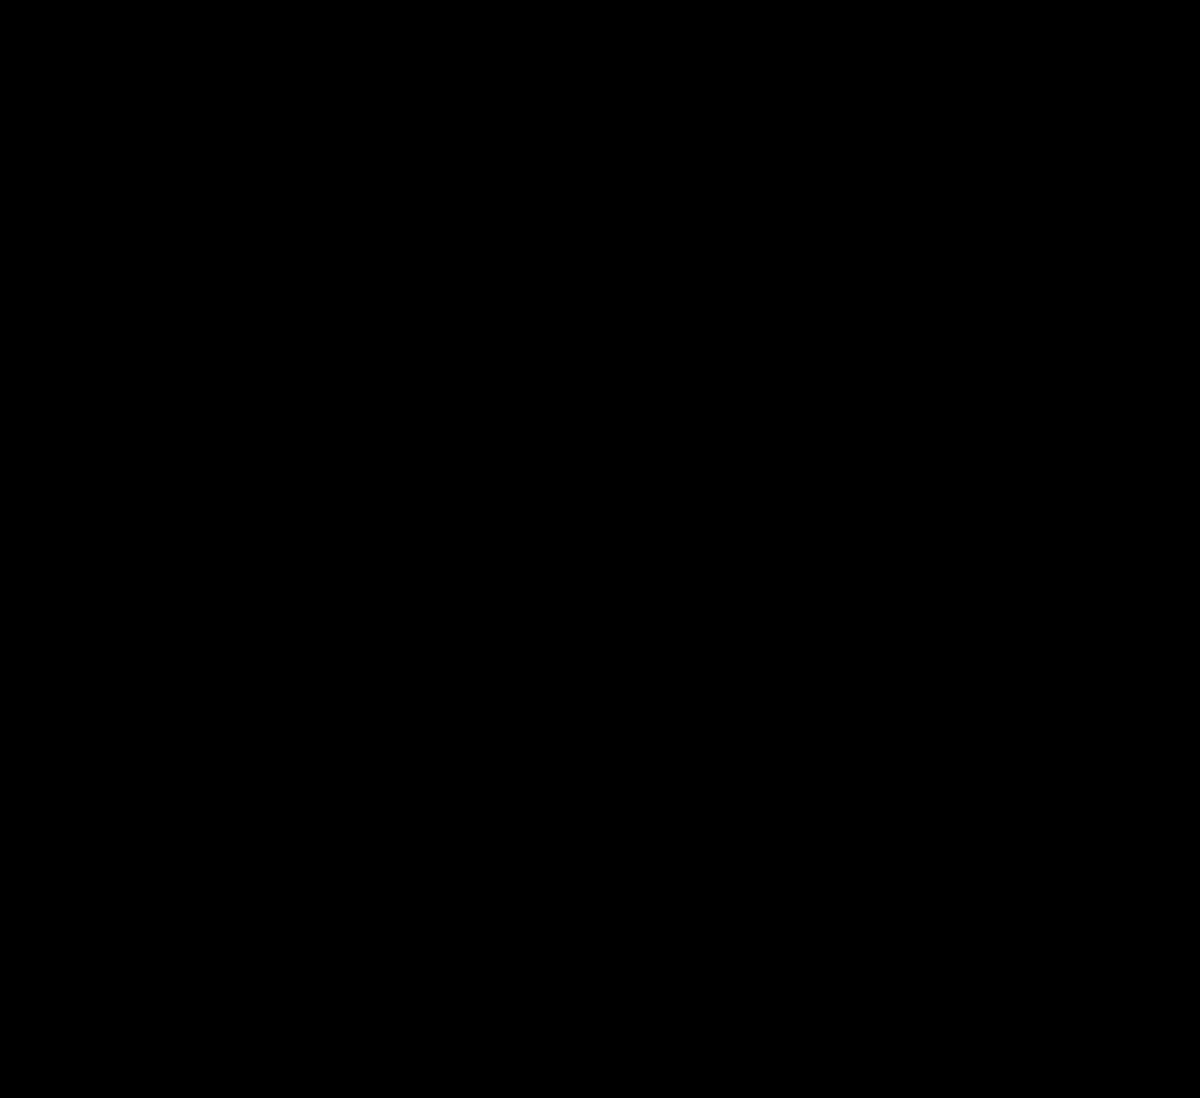 pearl-izumi-logo-1200x1098